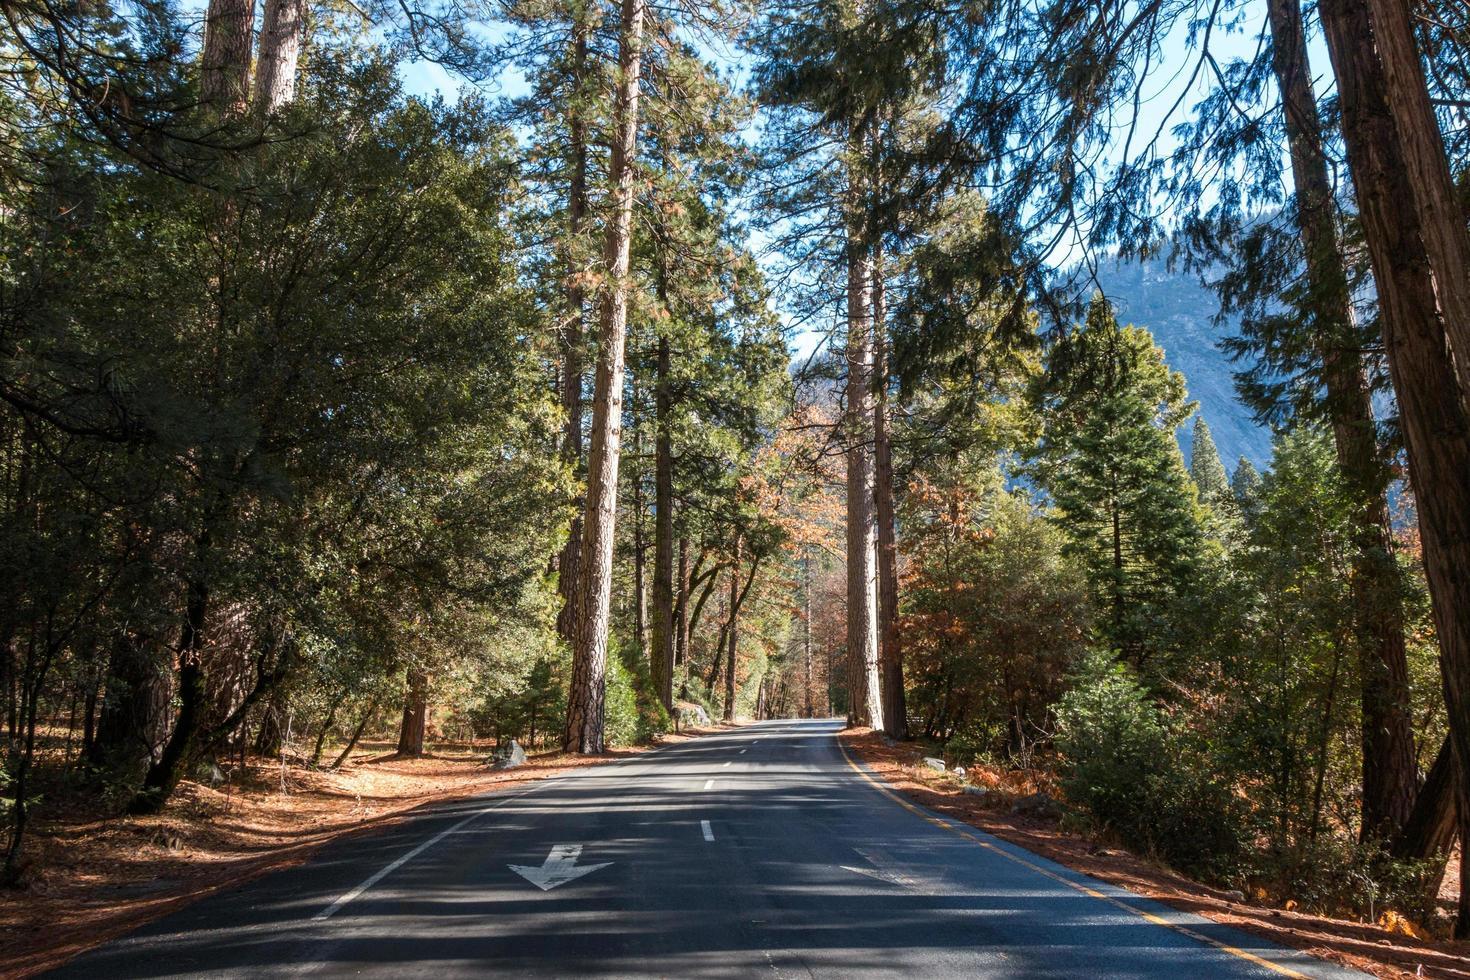 väg mellan träd foto